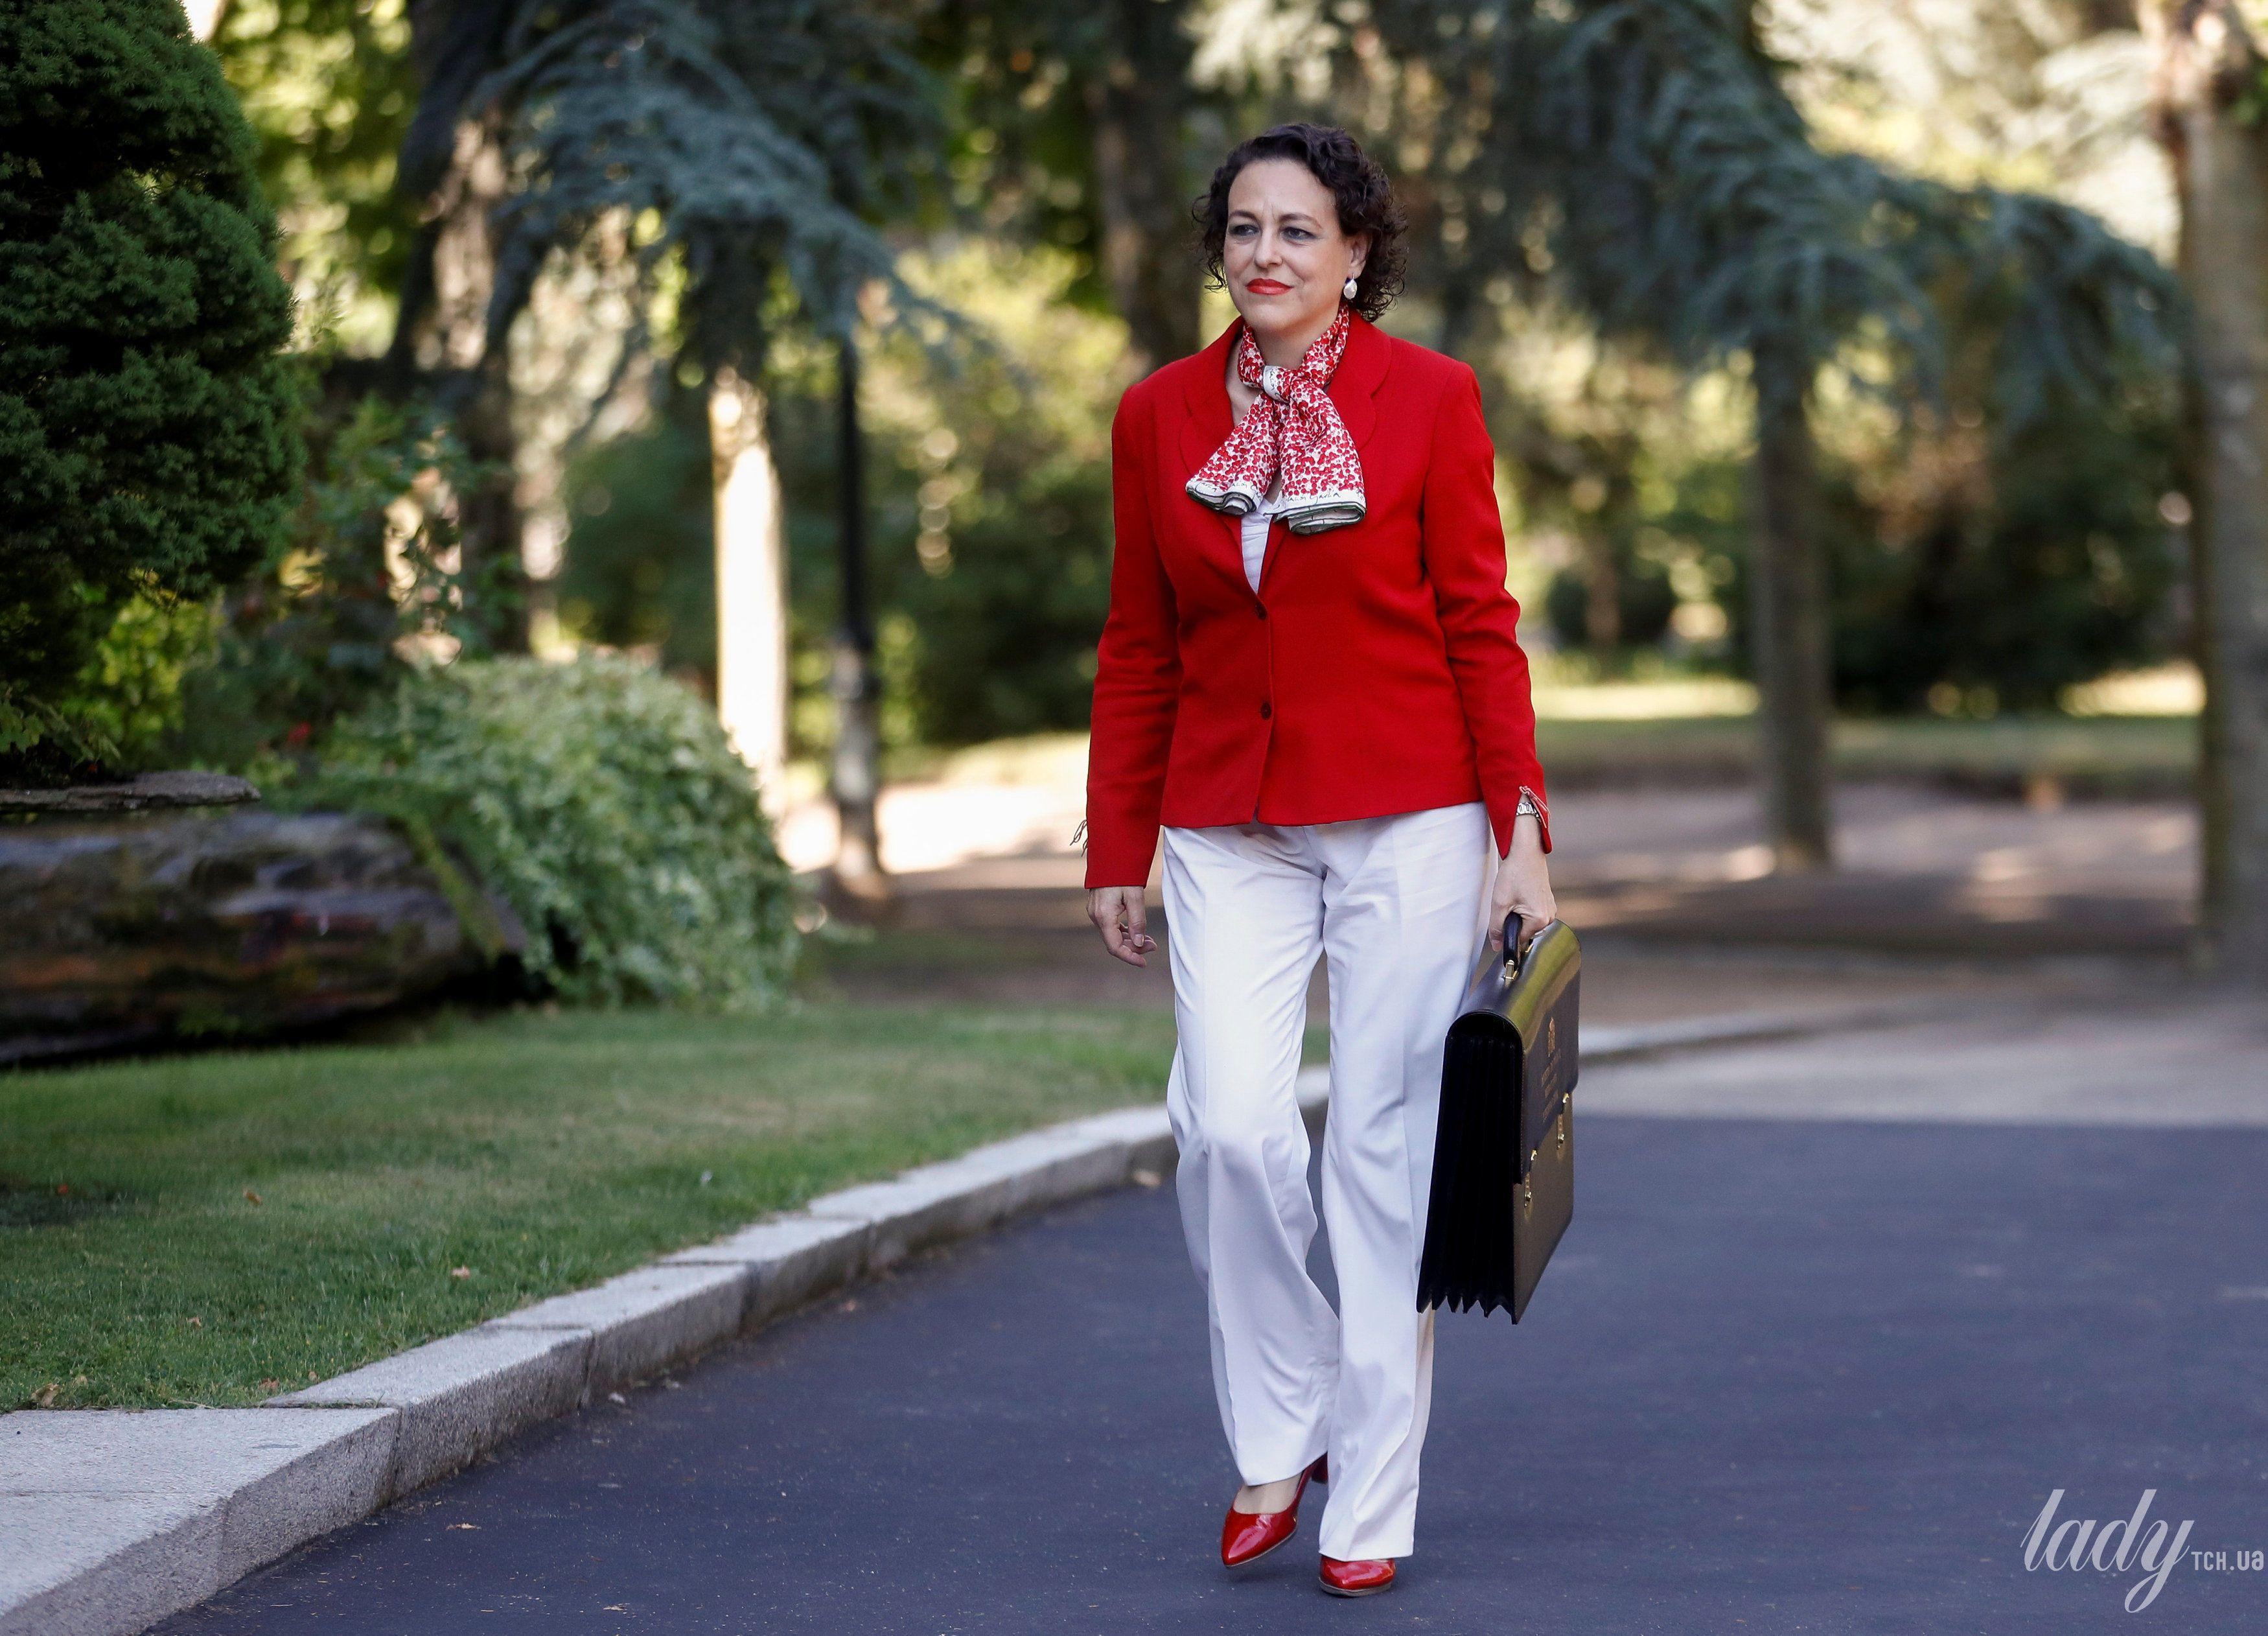 Министр труда Испании Магдалена Валерио_3